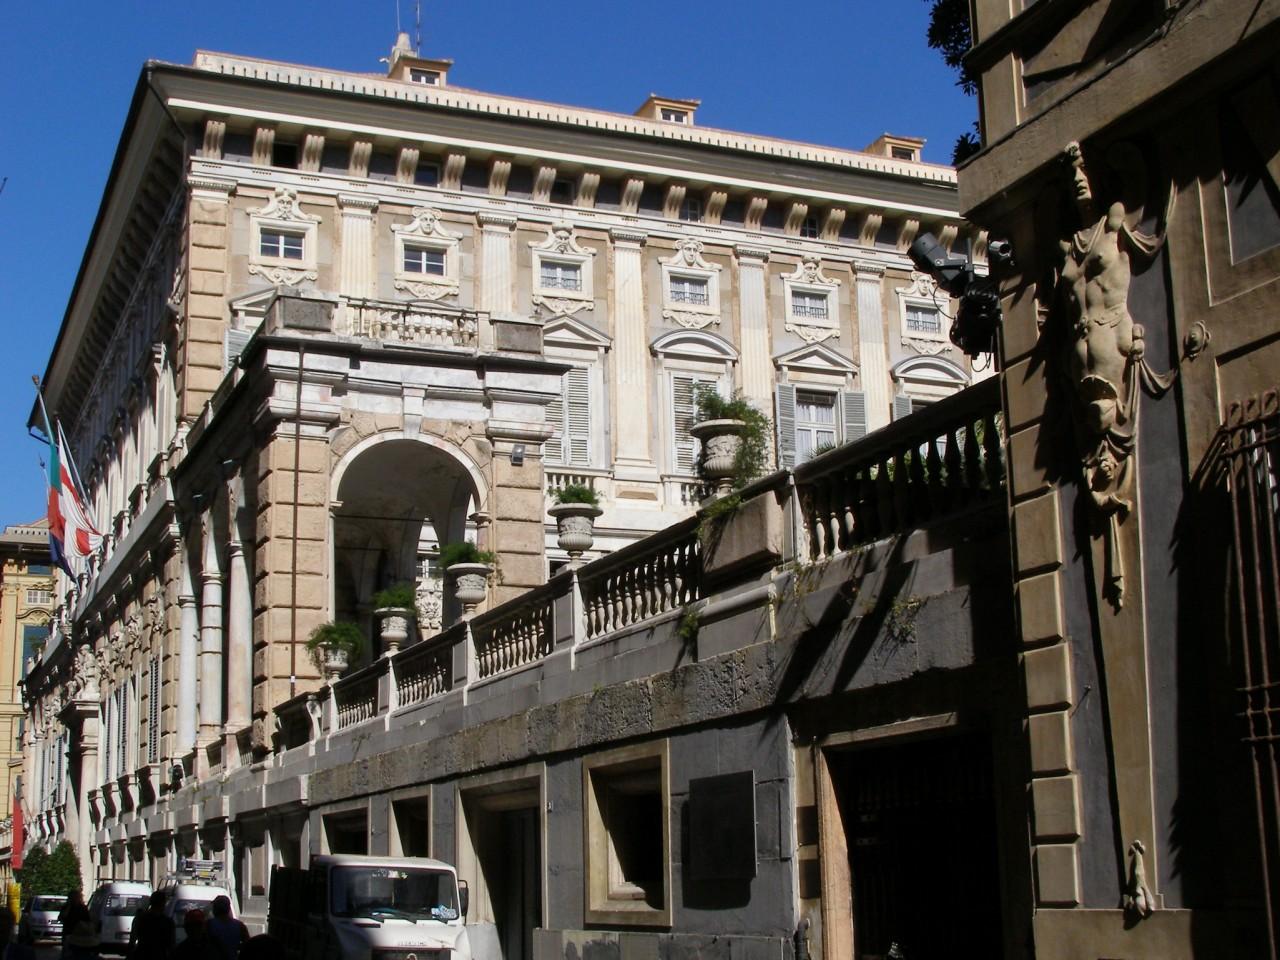 Дворец Дориа-Турси (Palazzo Doria-Tursi)